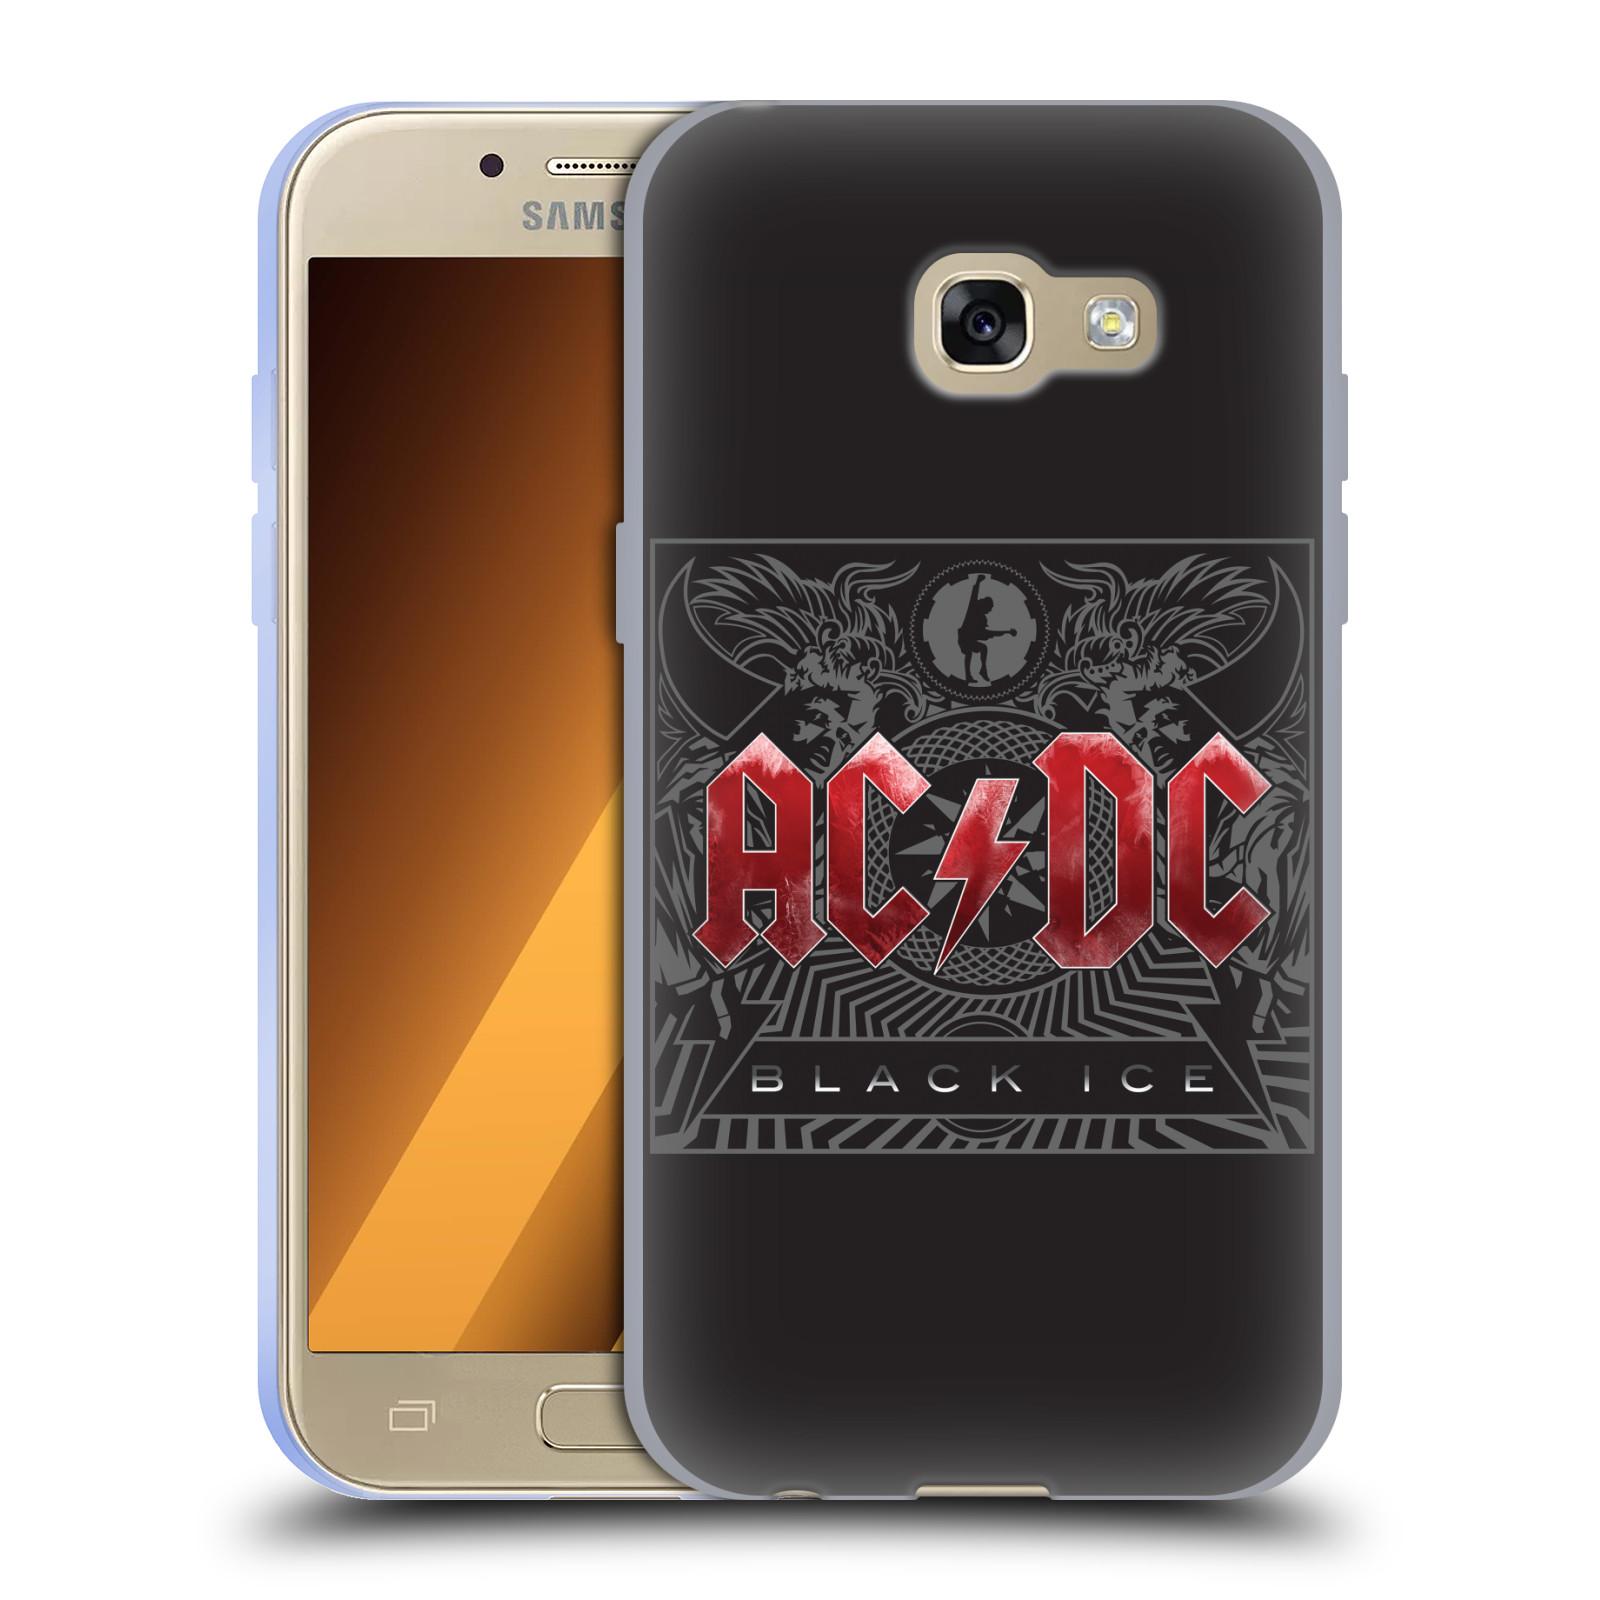 Silikonové pouzdro na mobil Samsung Galaxy A3 (2017) HEAD CASE AC/DC Black Ice (Silikonový kryt či obal na mobilní telefon s oficiálním motivem australské skupiny AC/DC pro Samsung Galaxy A3 2017 SM-A320)